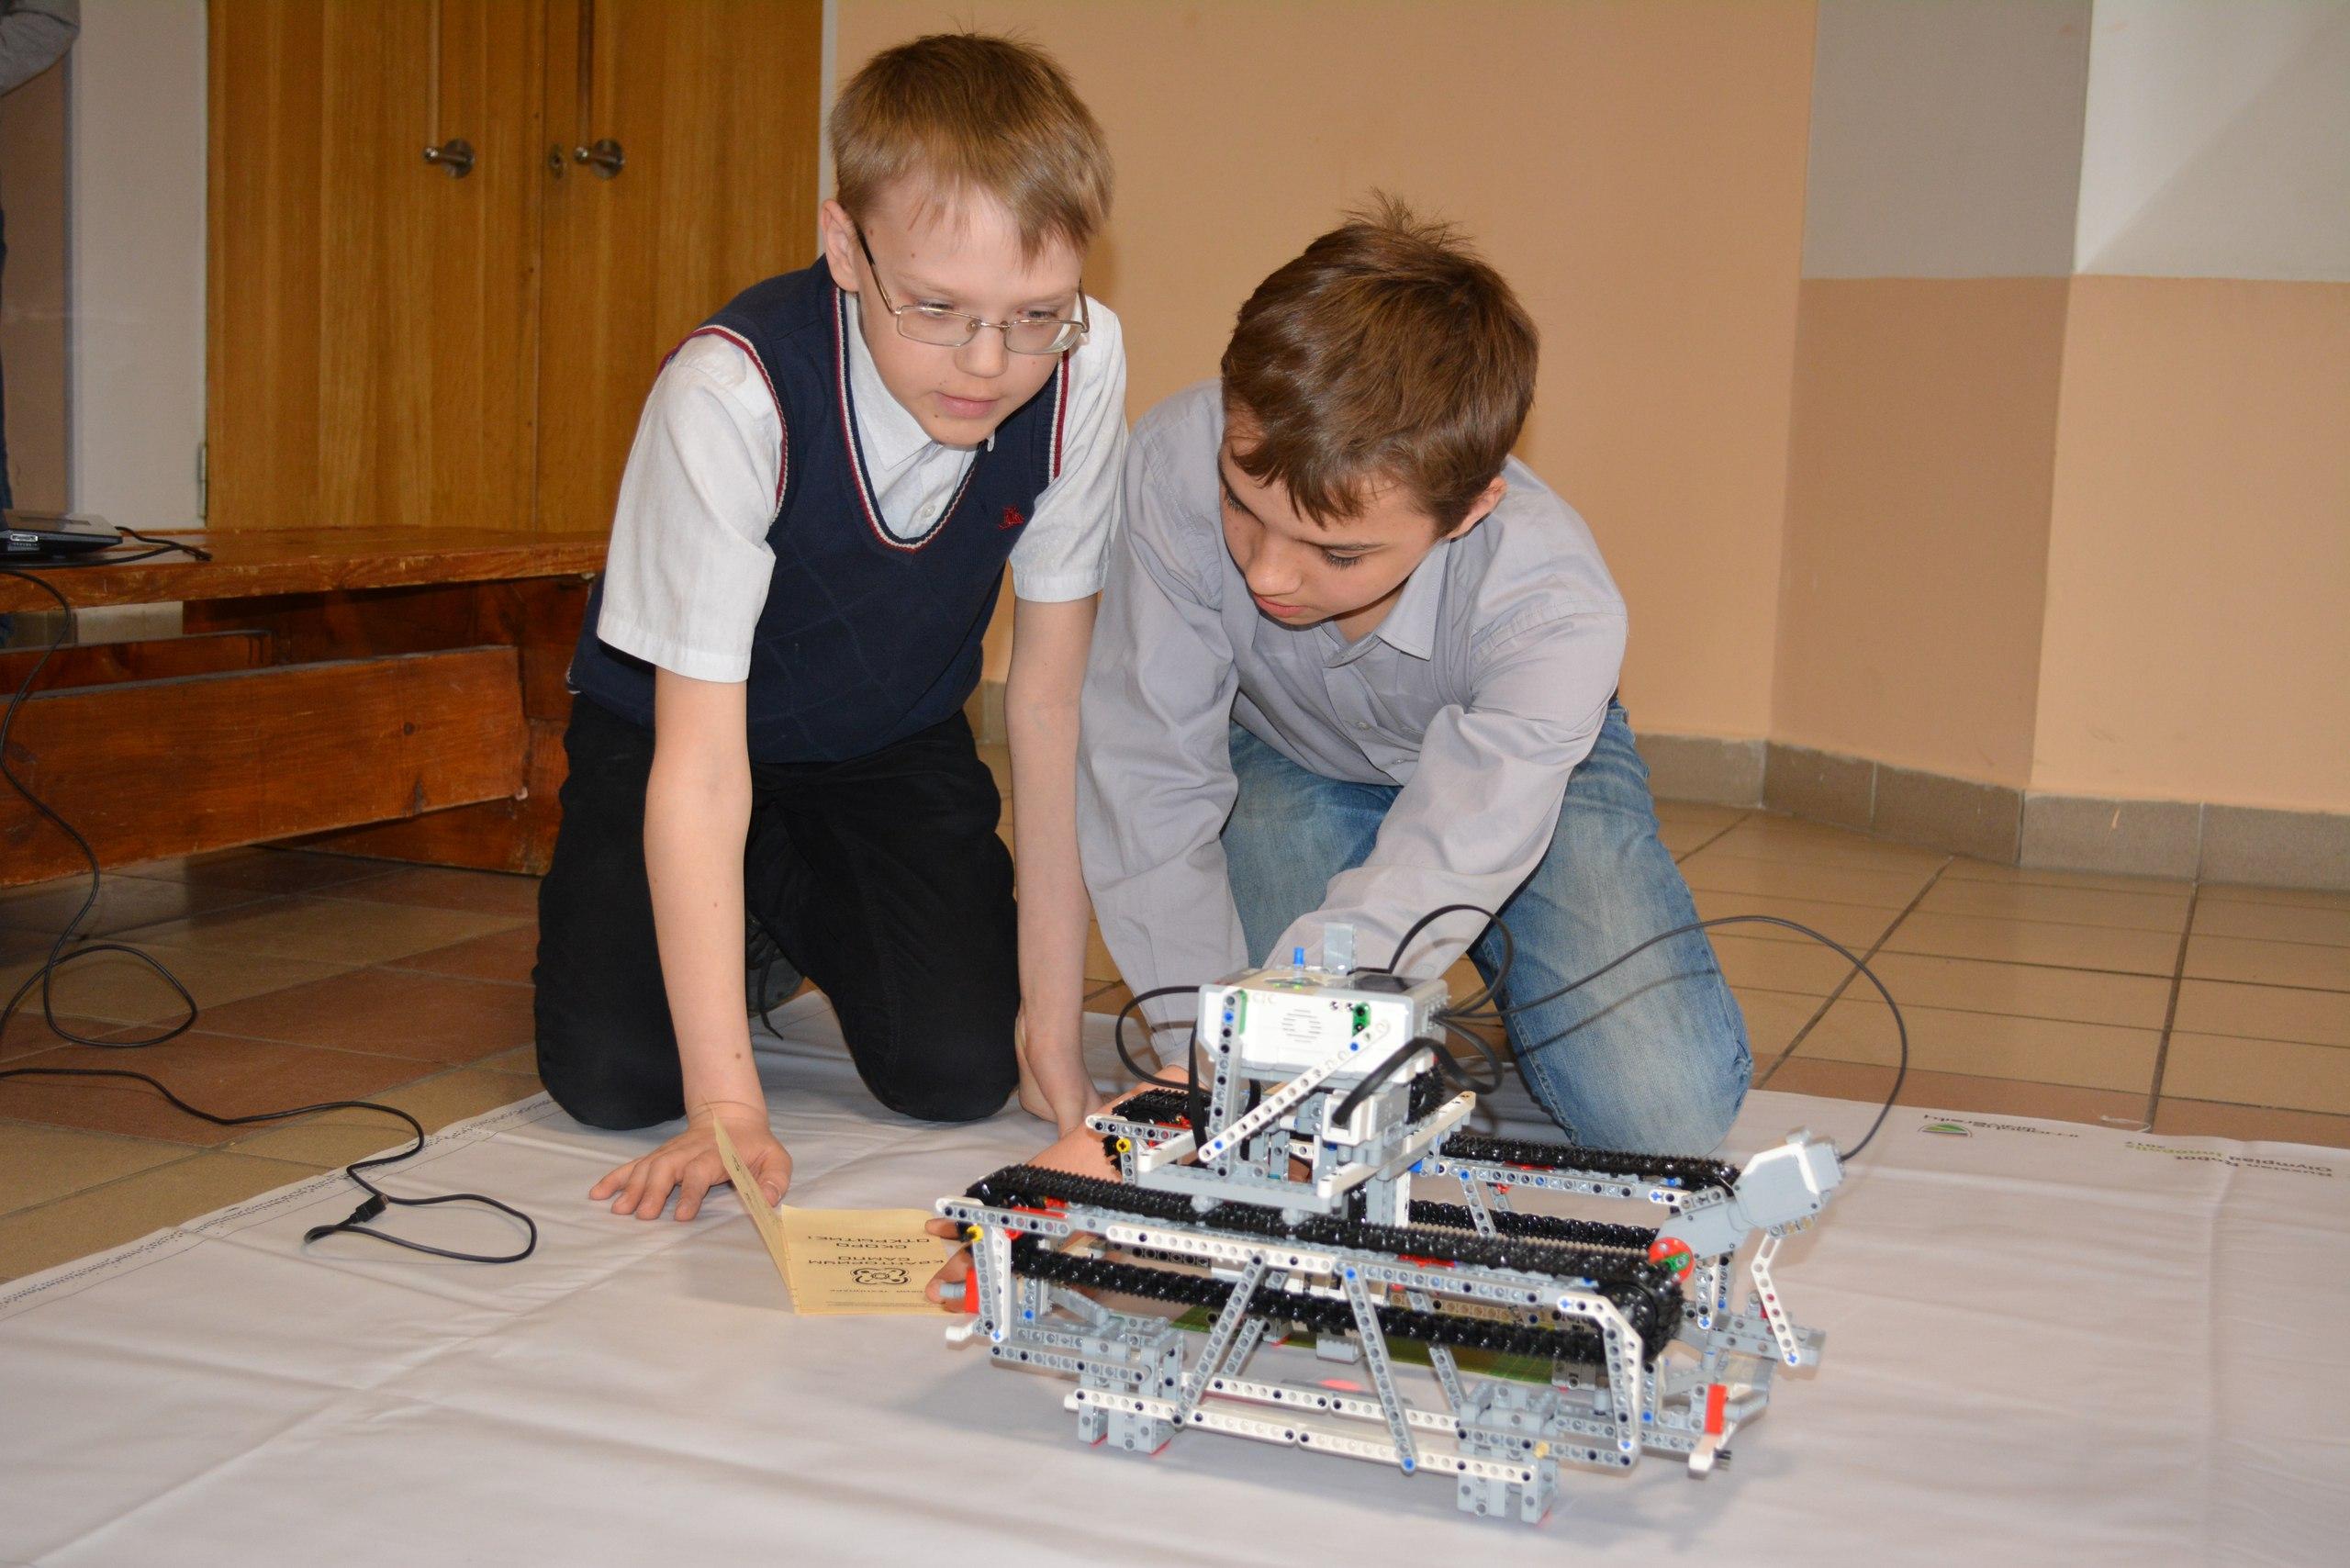 Приём работ с по до окончания приема работ: дней: 23, часов: 2, минут:  объявлен всероссийский конкурс научно-технического творчества «шустрик».